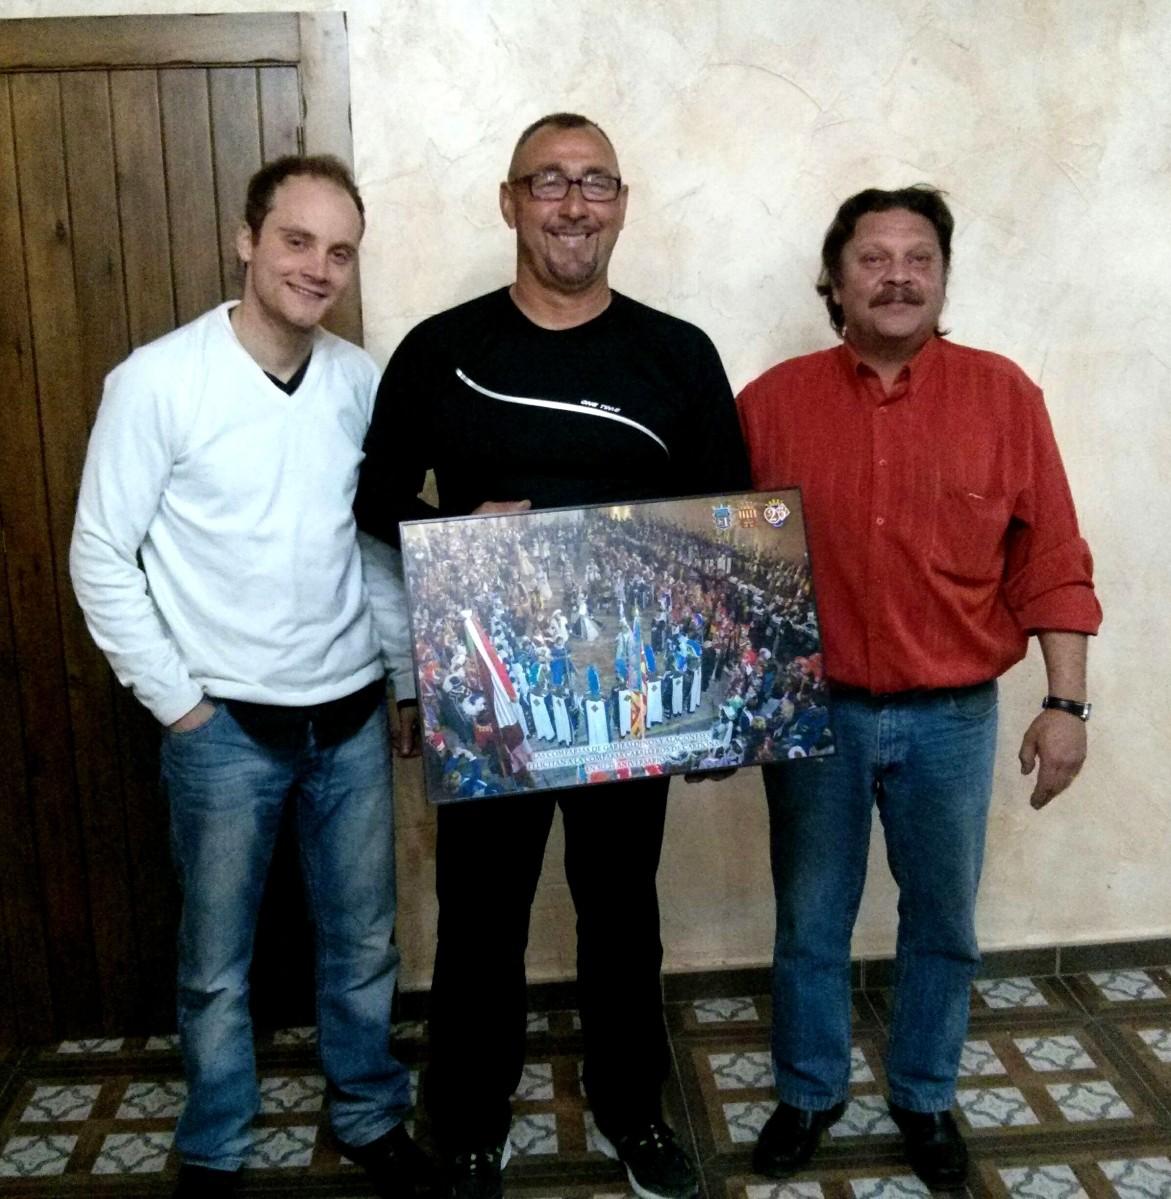 Carlos García (presidente Alagoneses) y Luis Gorreta (presidente Garibaldinos) entregan fotografía del homenaje a José Beltrán (presidente Caballeros de Cardona)